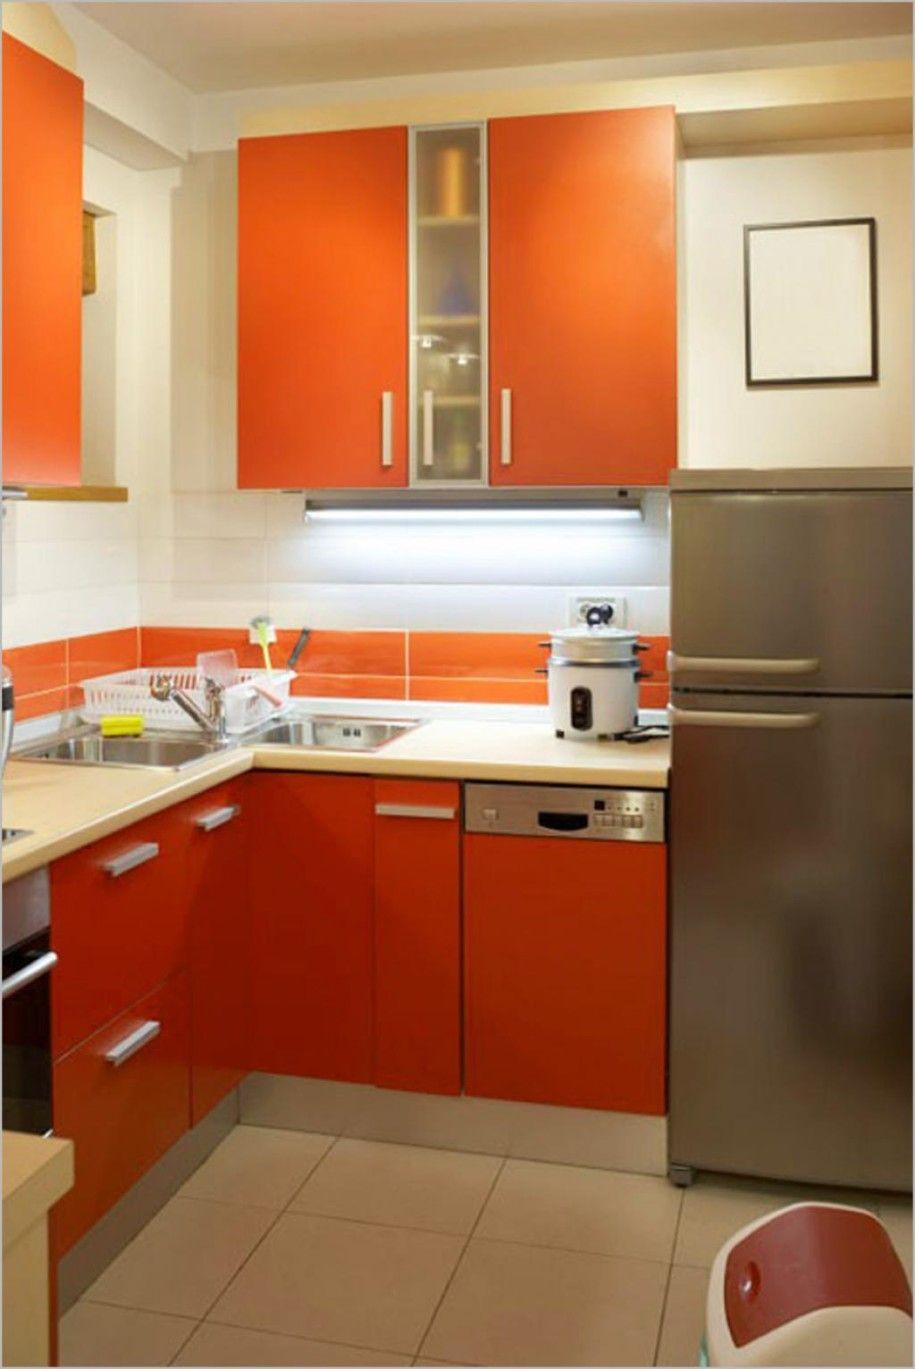 Narancs  Konyha Konyhabútor Szín Ötletek  A Legnépszerűbb Inspiration Interior Design Of A Small Kitchen Review